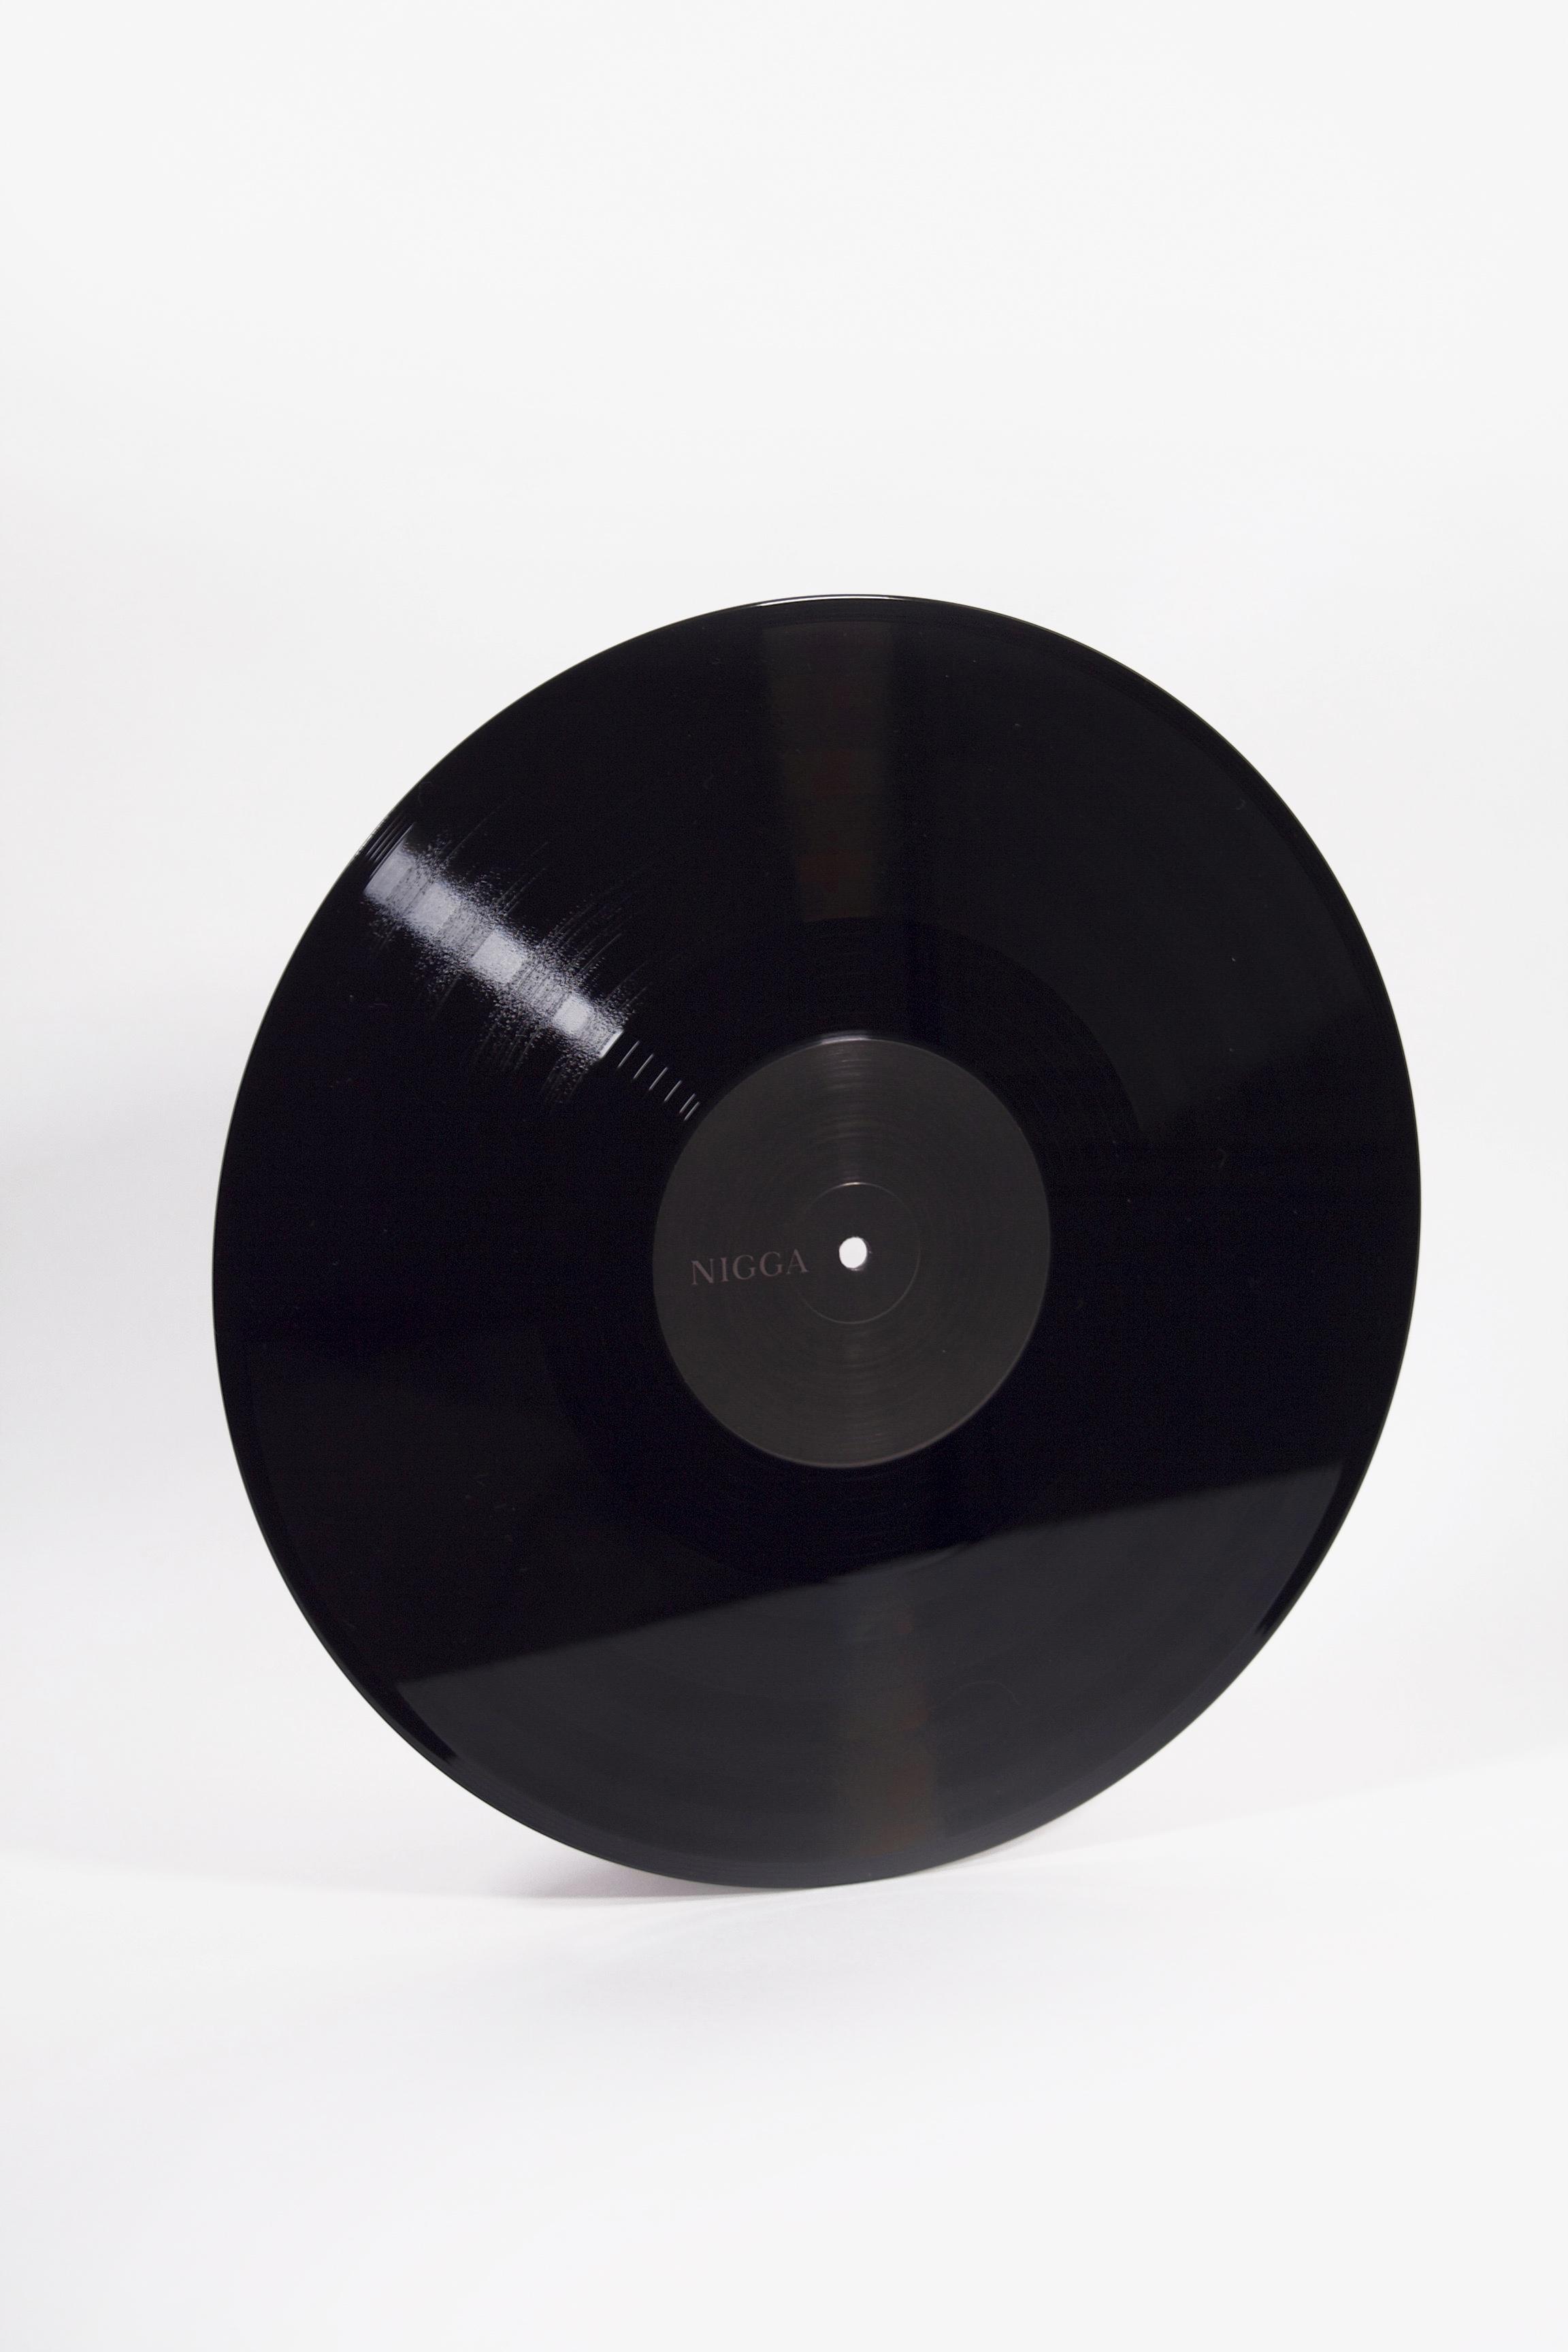 Revelle - Our Word Album - 17.jpg